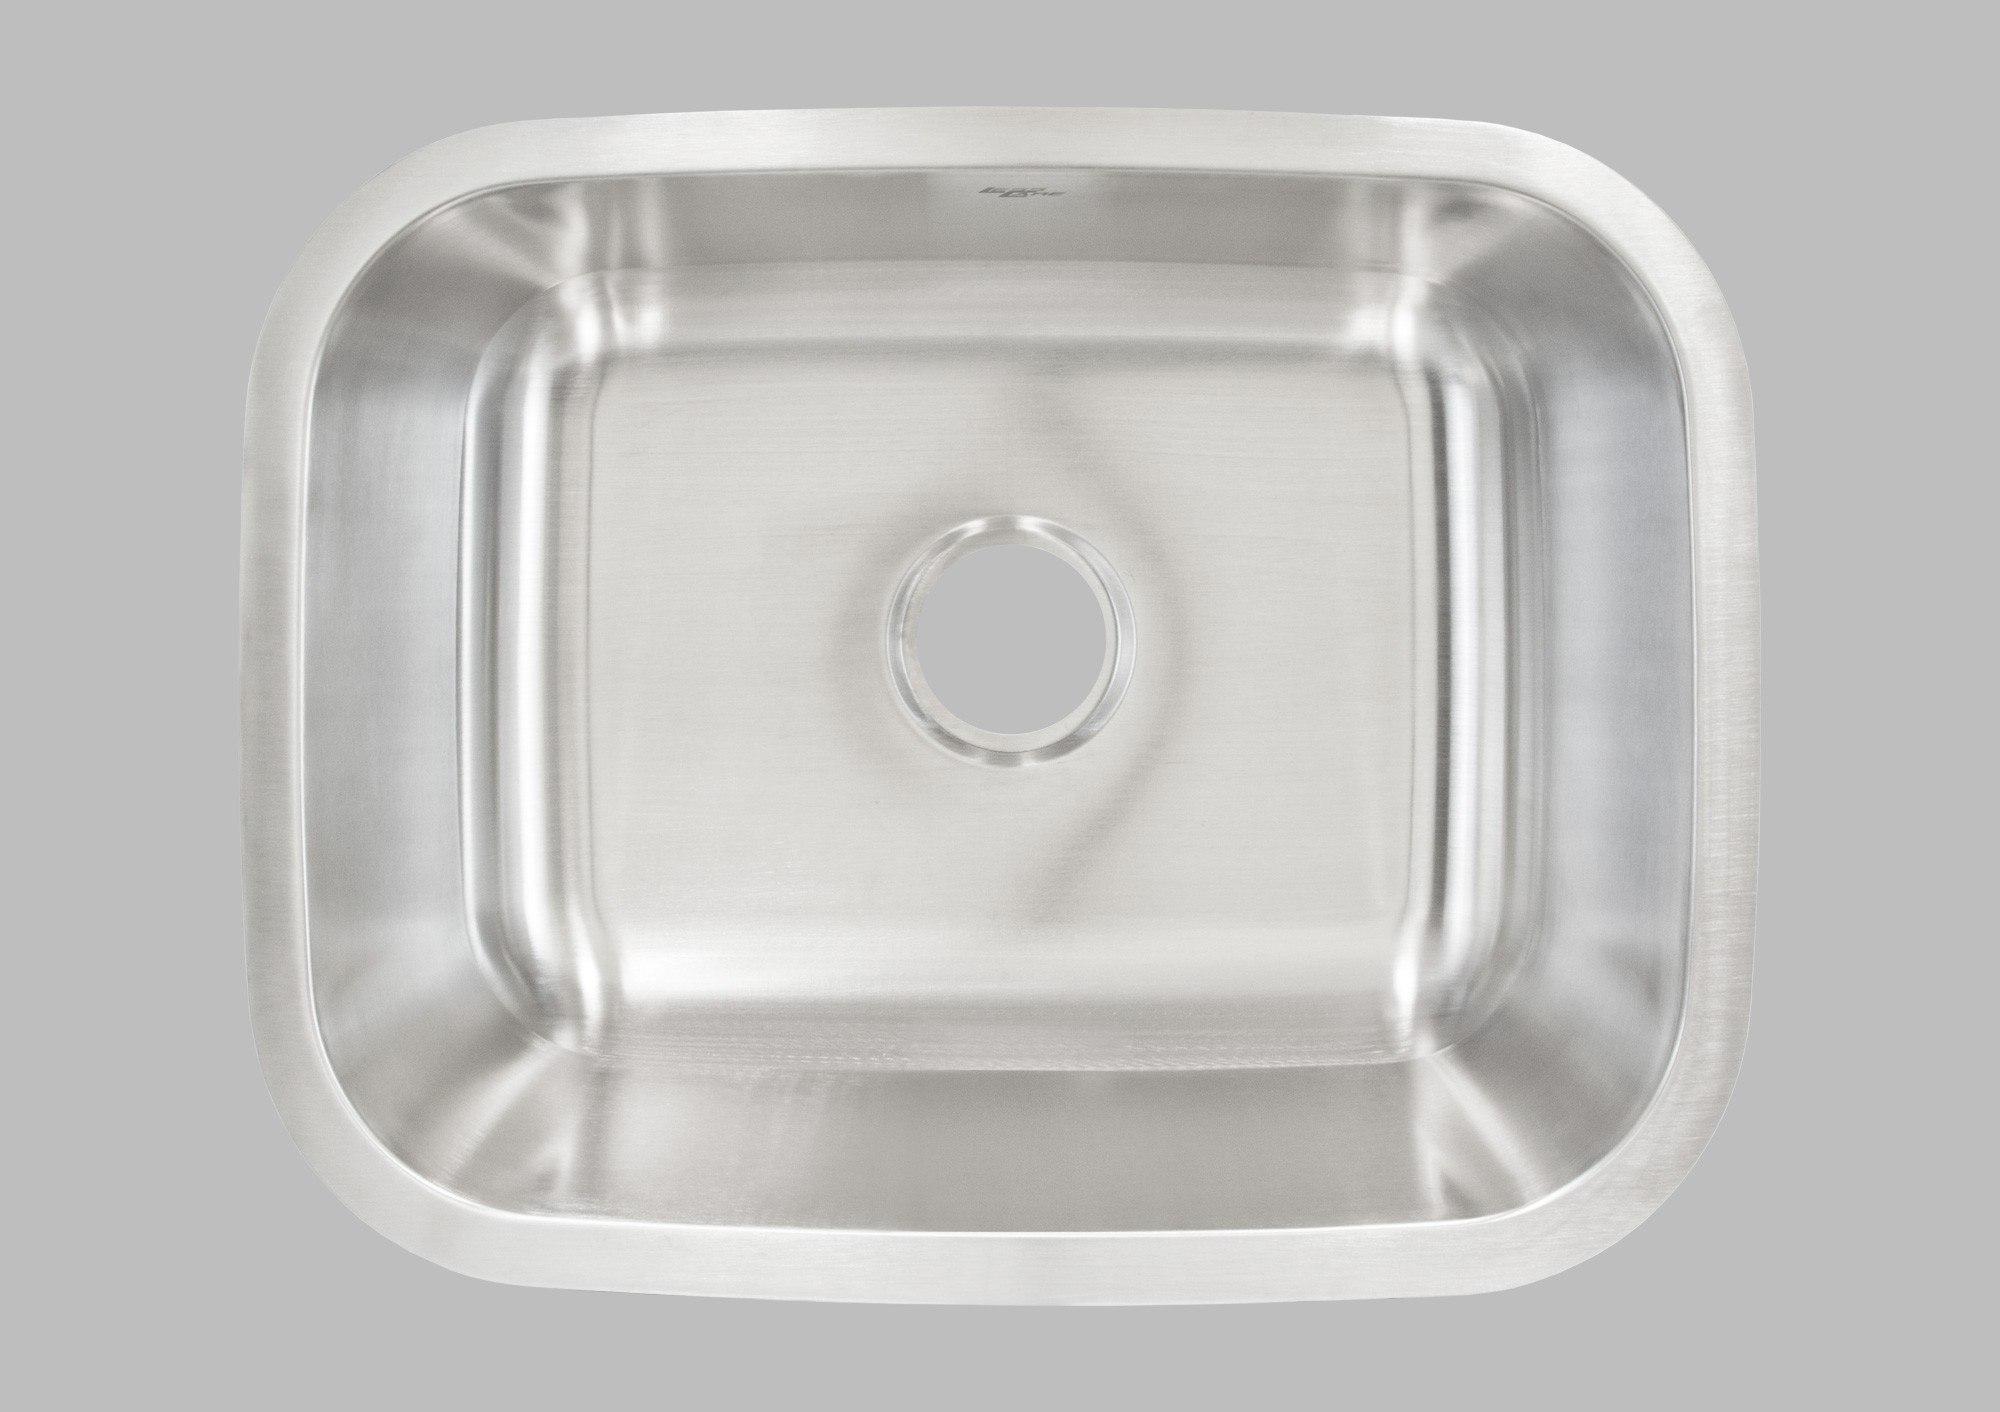 Undermount Sink Prices : sinks Kitchen sink undermount sinks topmount sinks apron front sinks ...